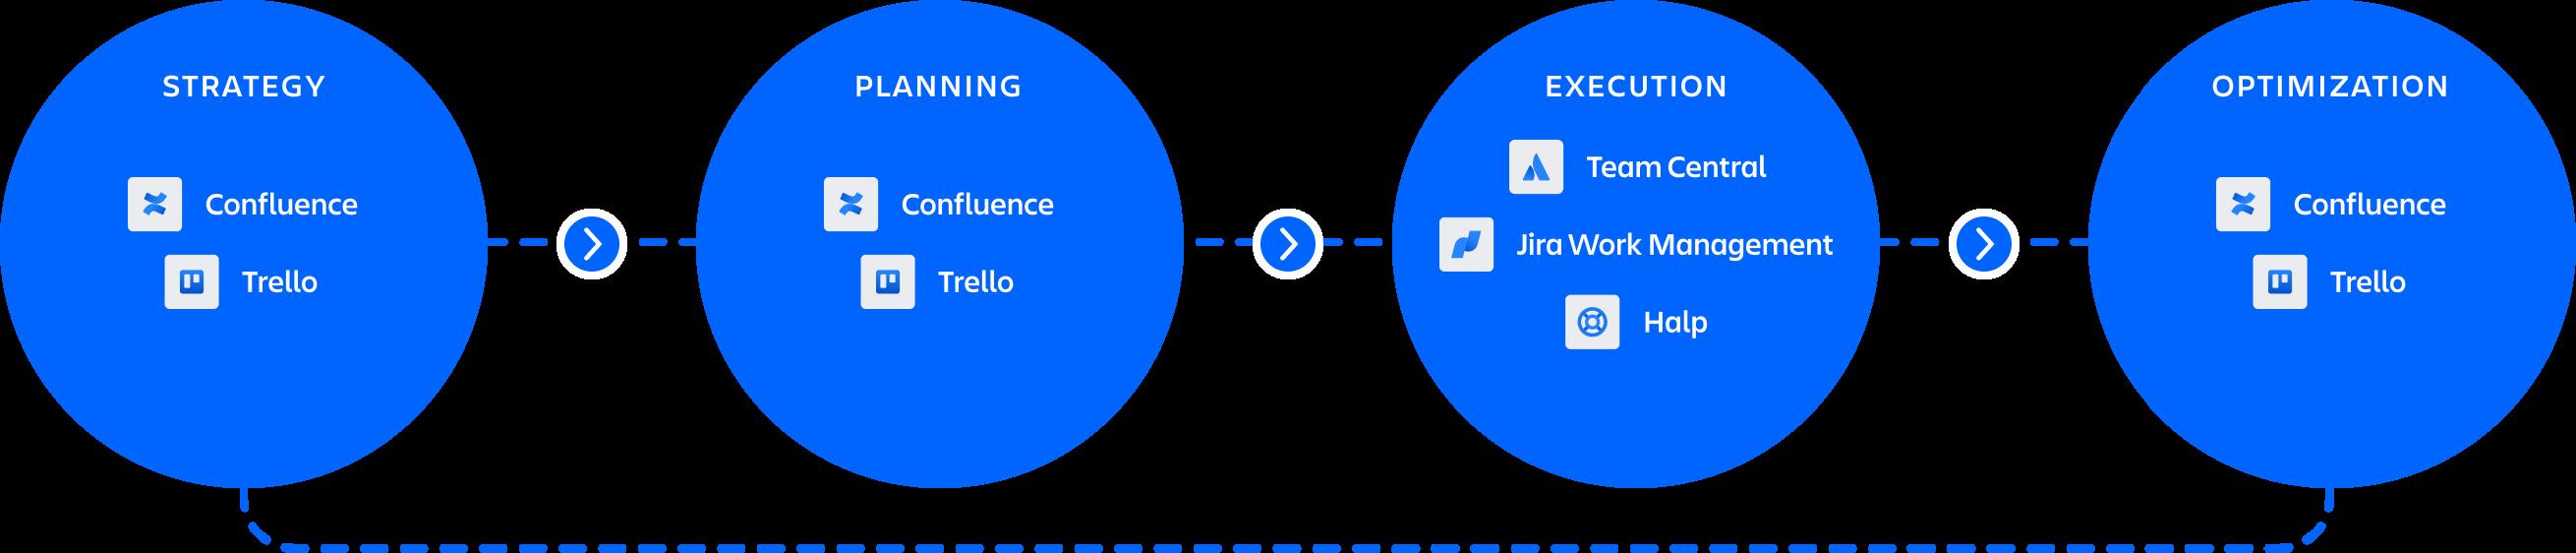 Afbeelding van talentaquisitieproducten: Confluence en Jira Work Management met producten om te onboarden: Trello en Jira Work Management